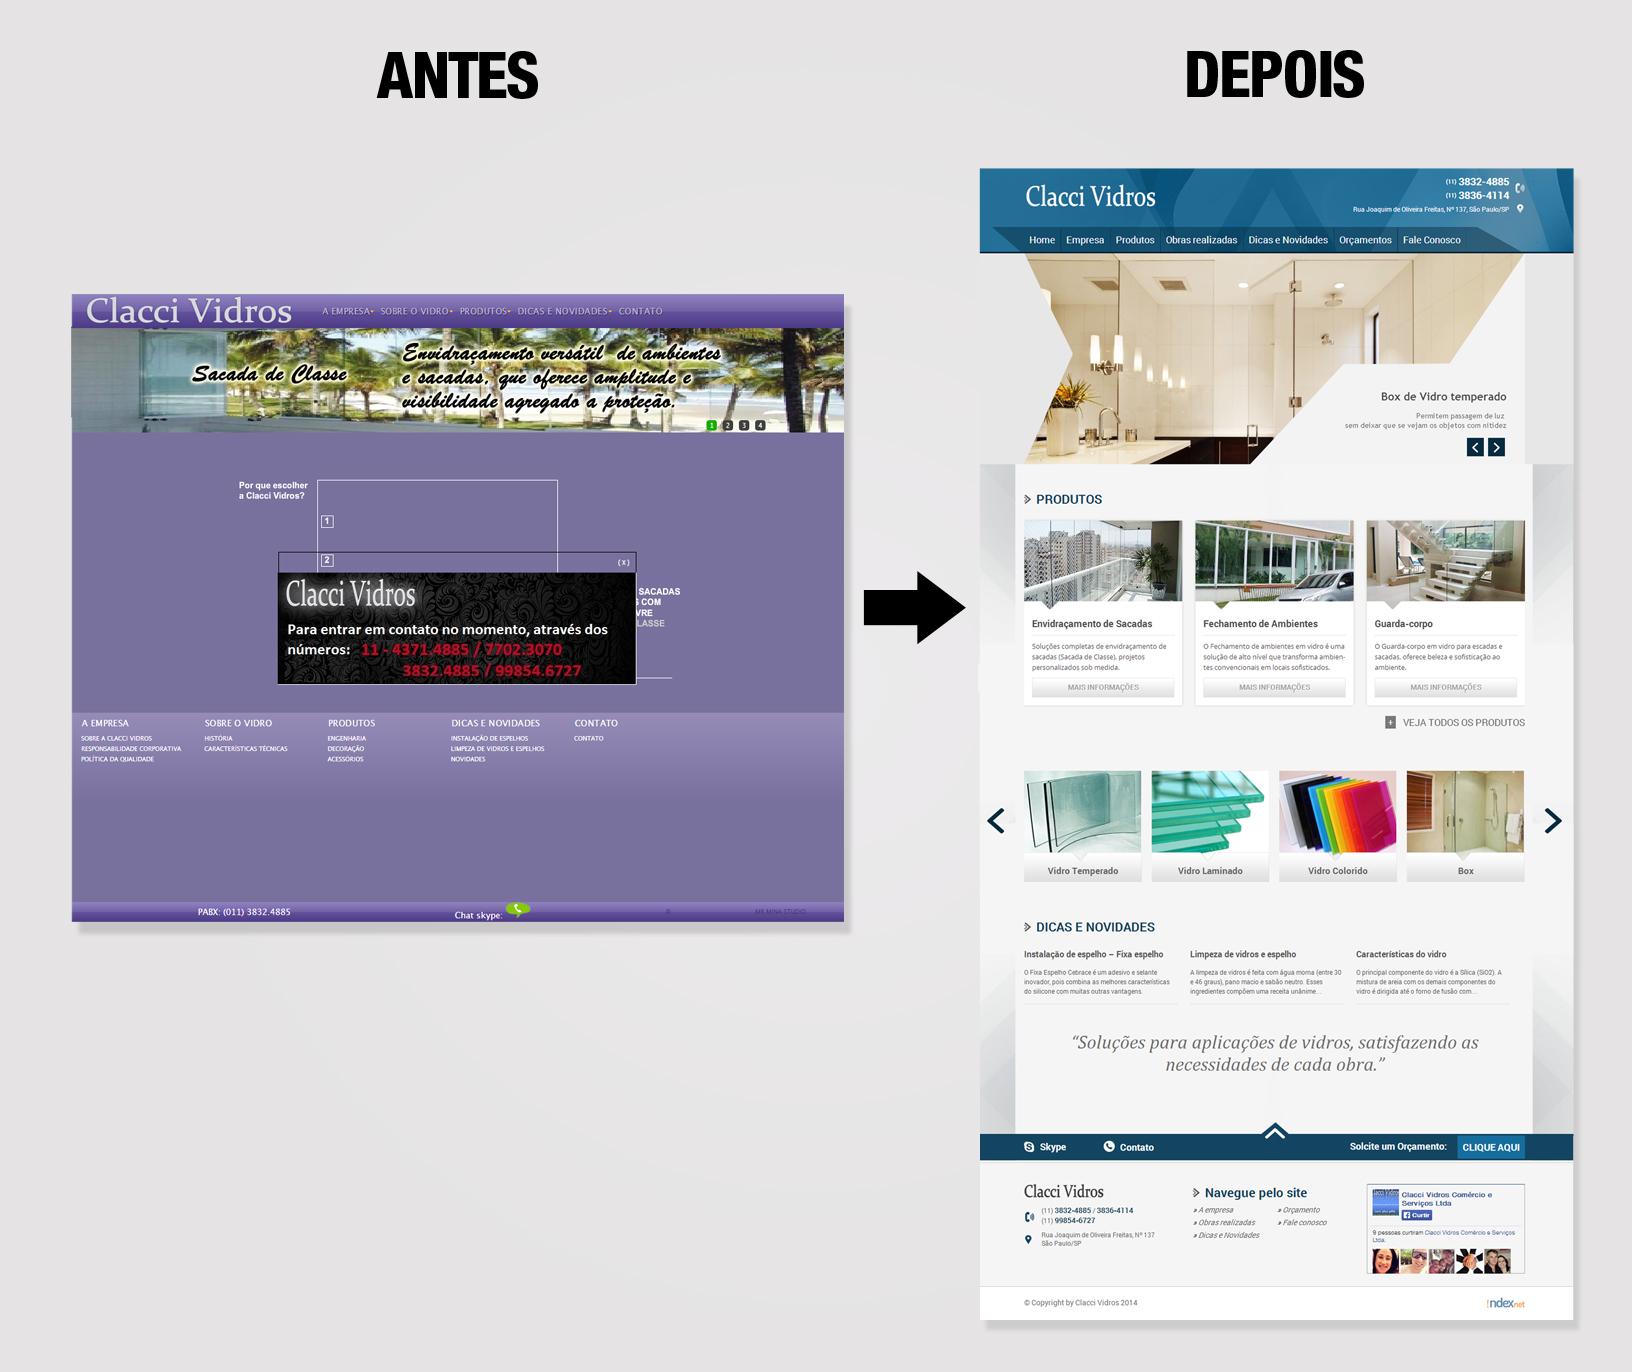 Reformulação de site - antes e depois clacci - Indexnet Publicidade Digital